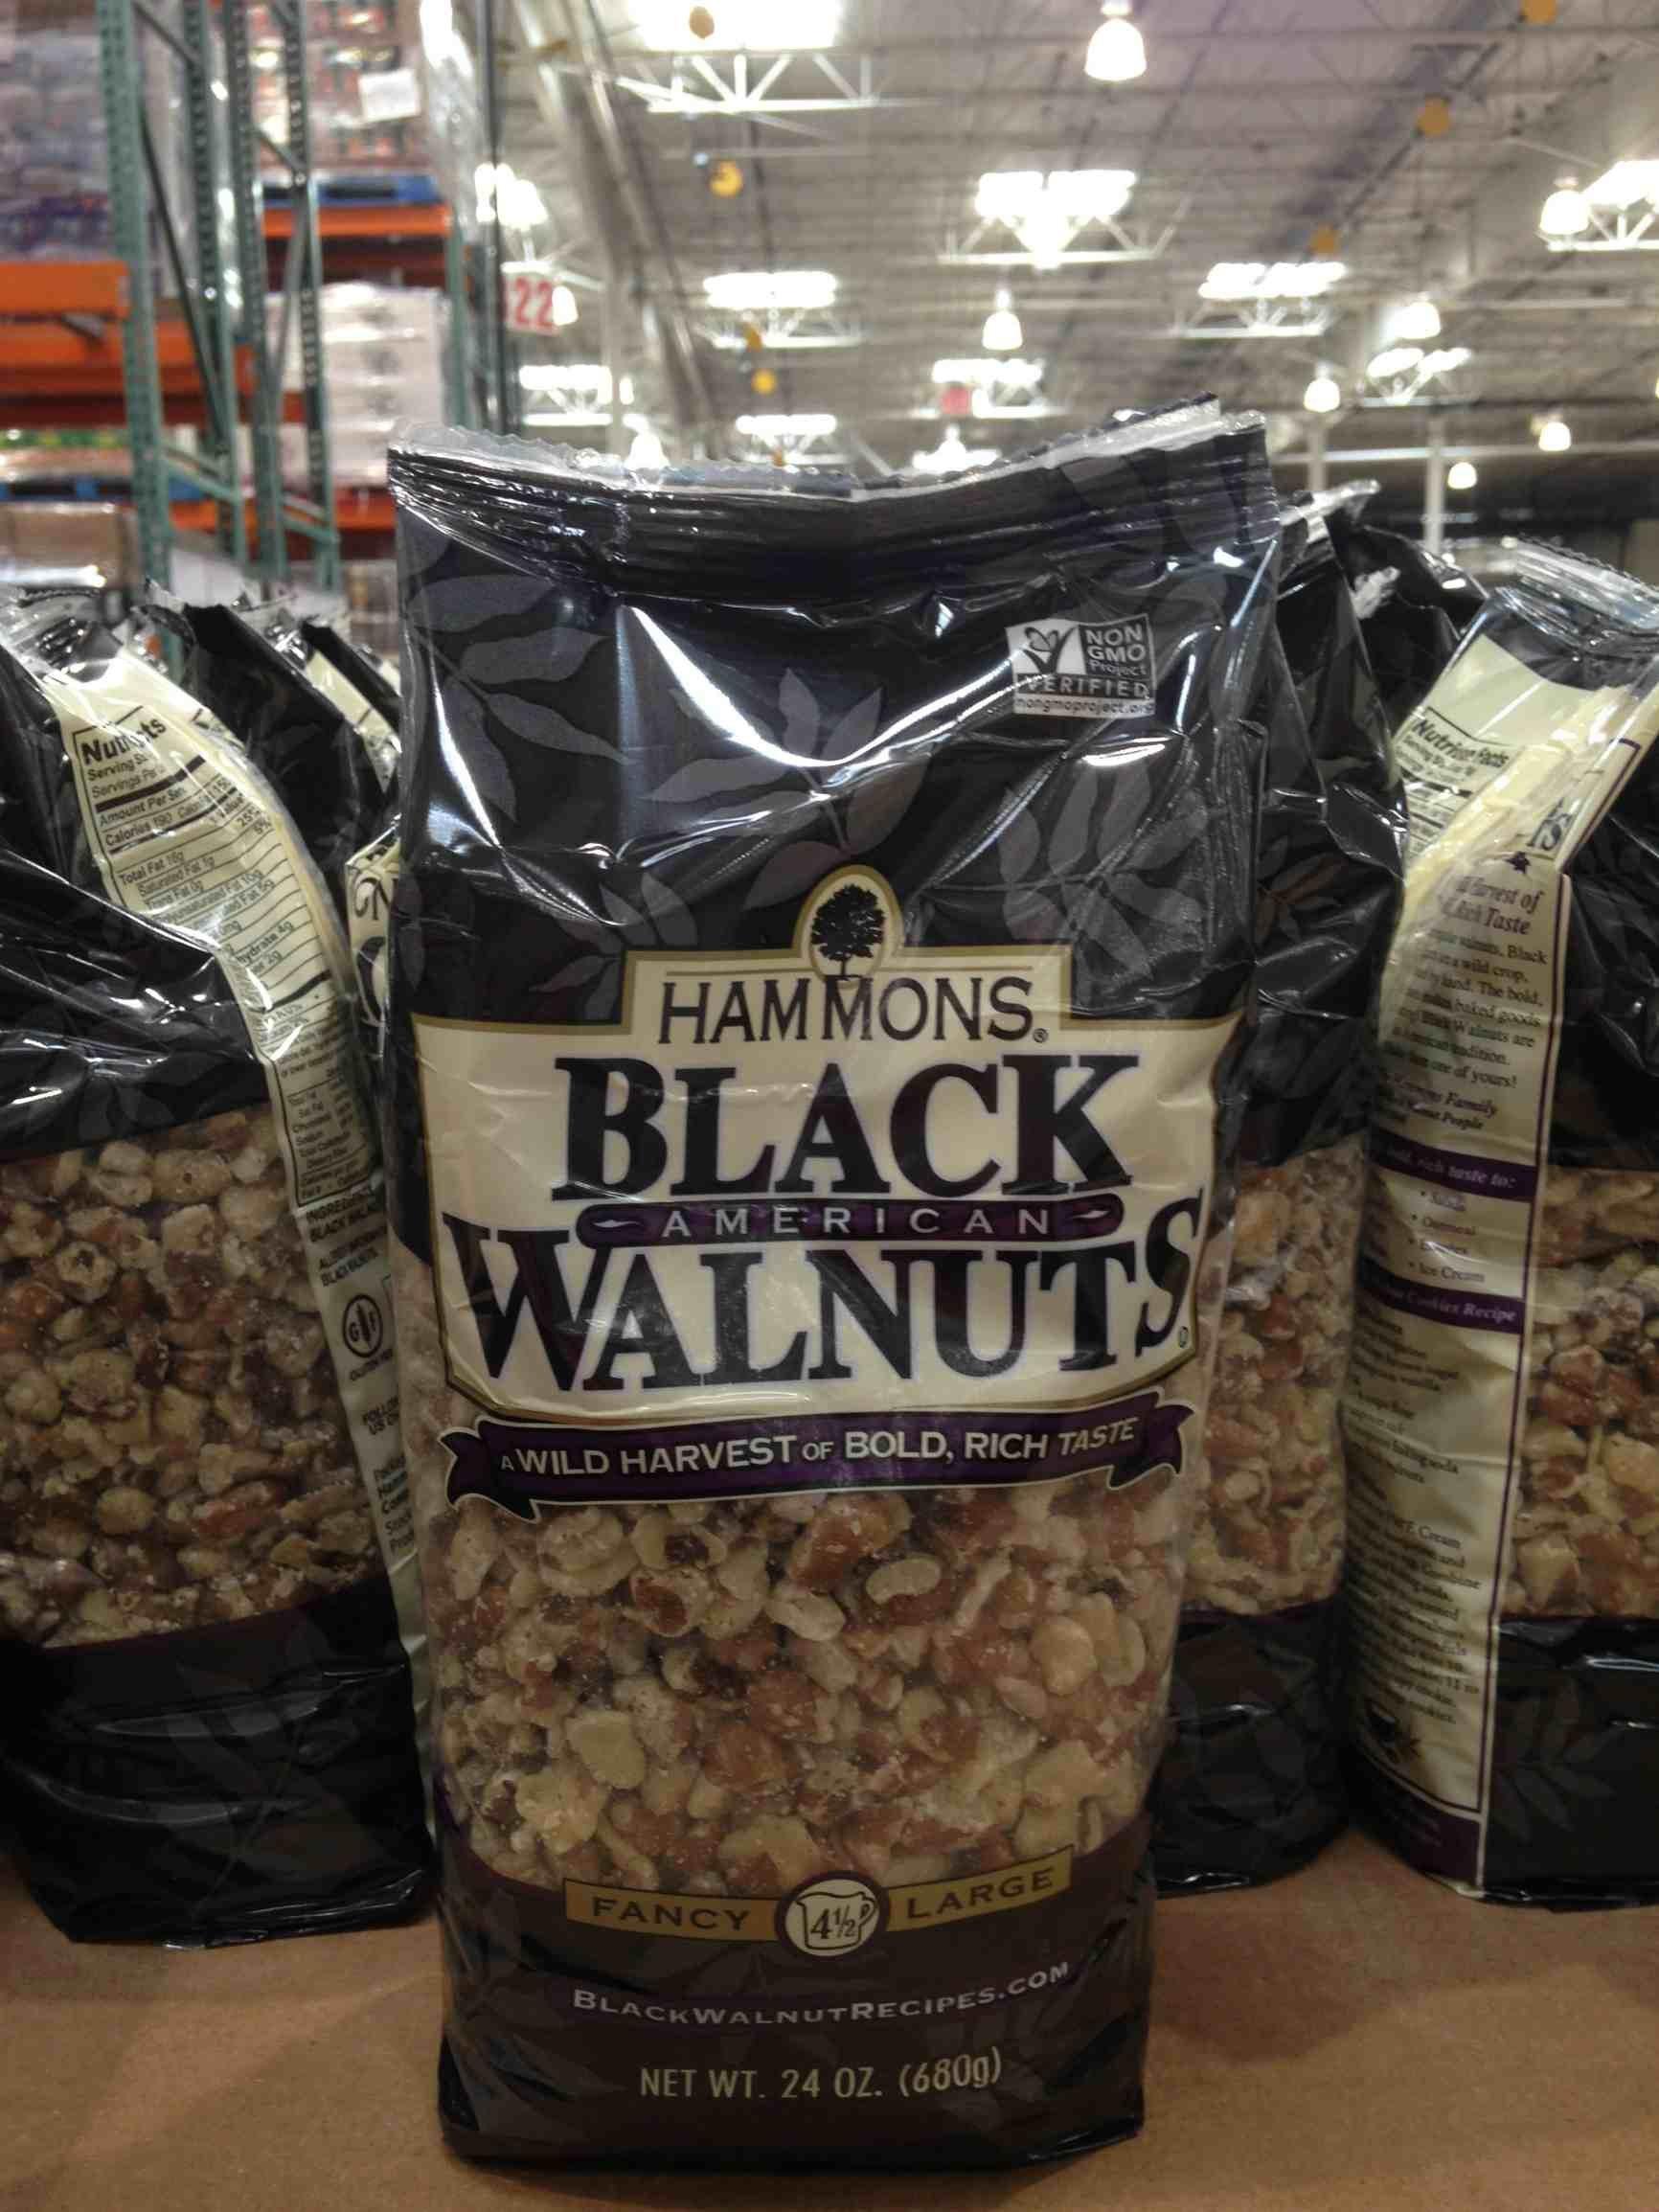 Hammons black walnuts 24 oz (pack of 6)